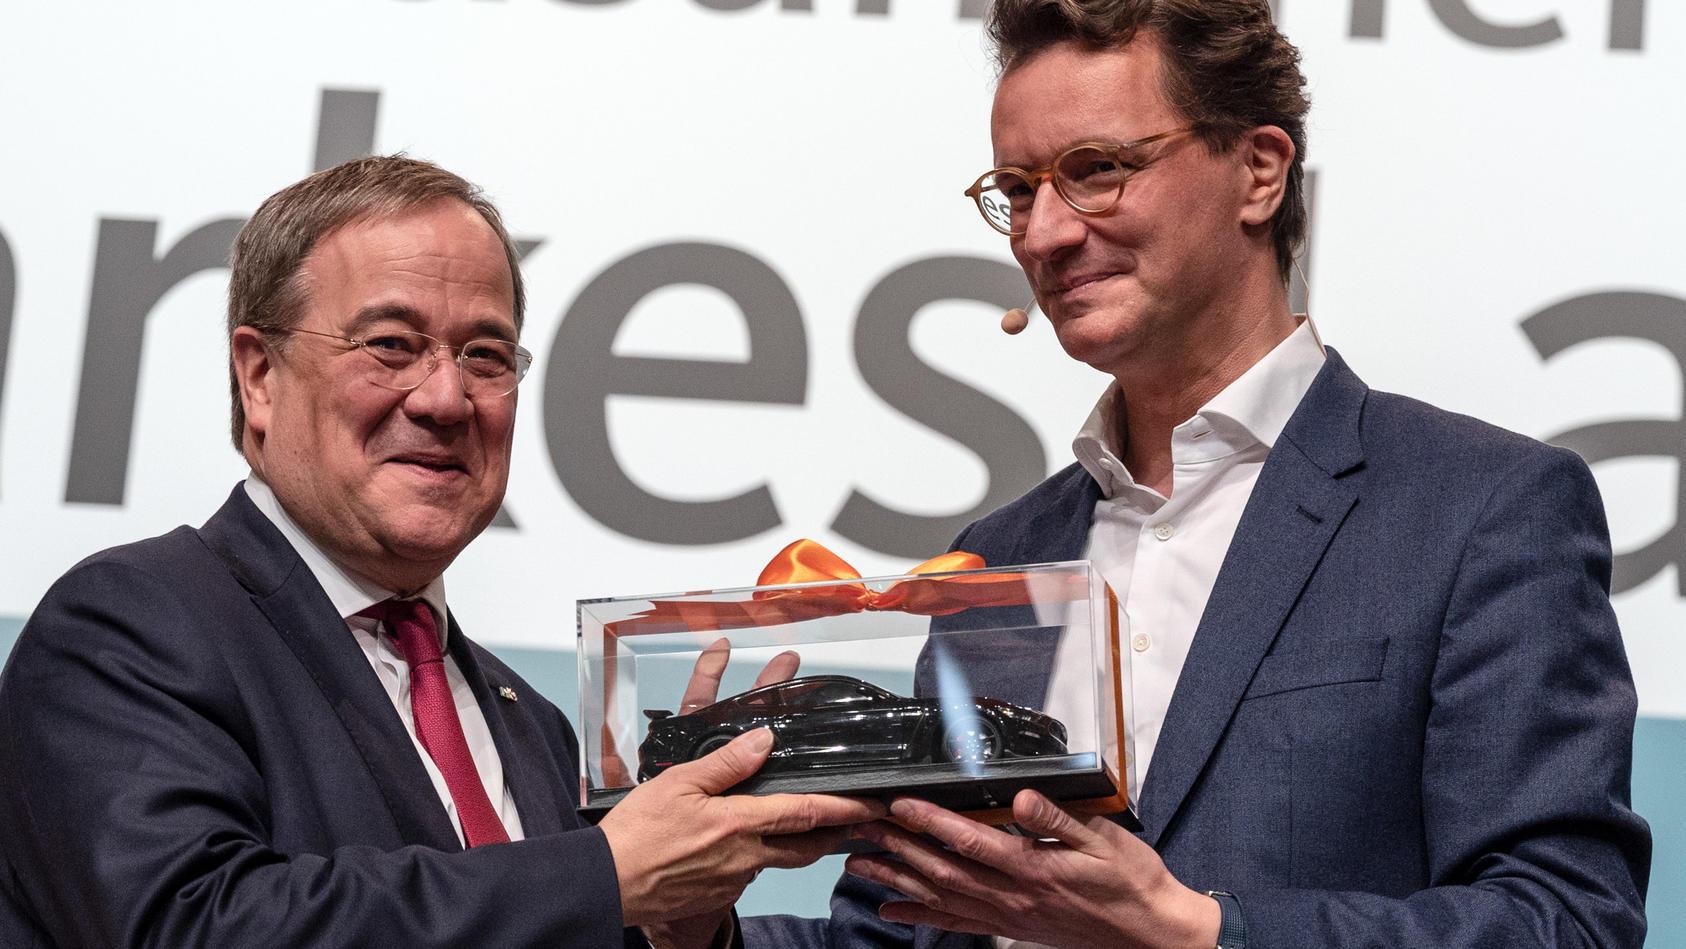 hendrik-wust-neuer-cdu-landesvorsitzender-in-nrw-uberreicht-seinem-vorganger-armin-laschet-als-geschenk-ein-modell-eines-sportwagens